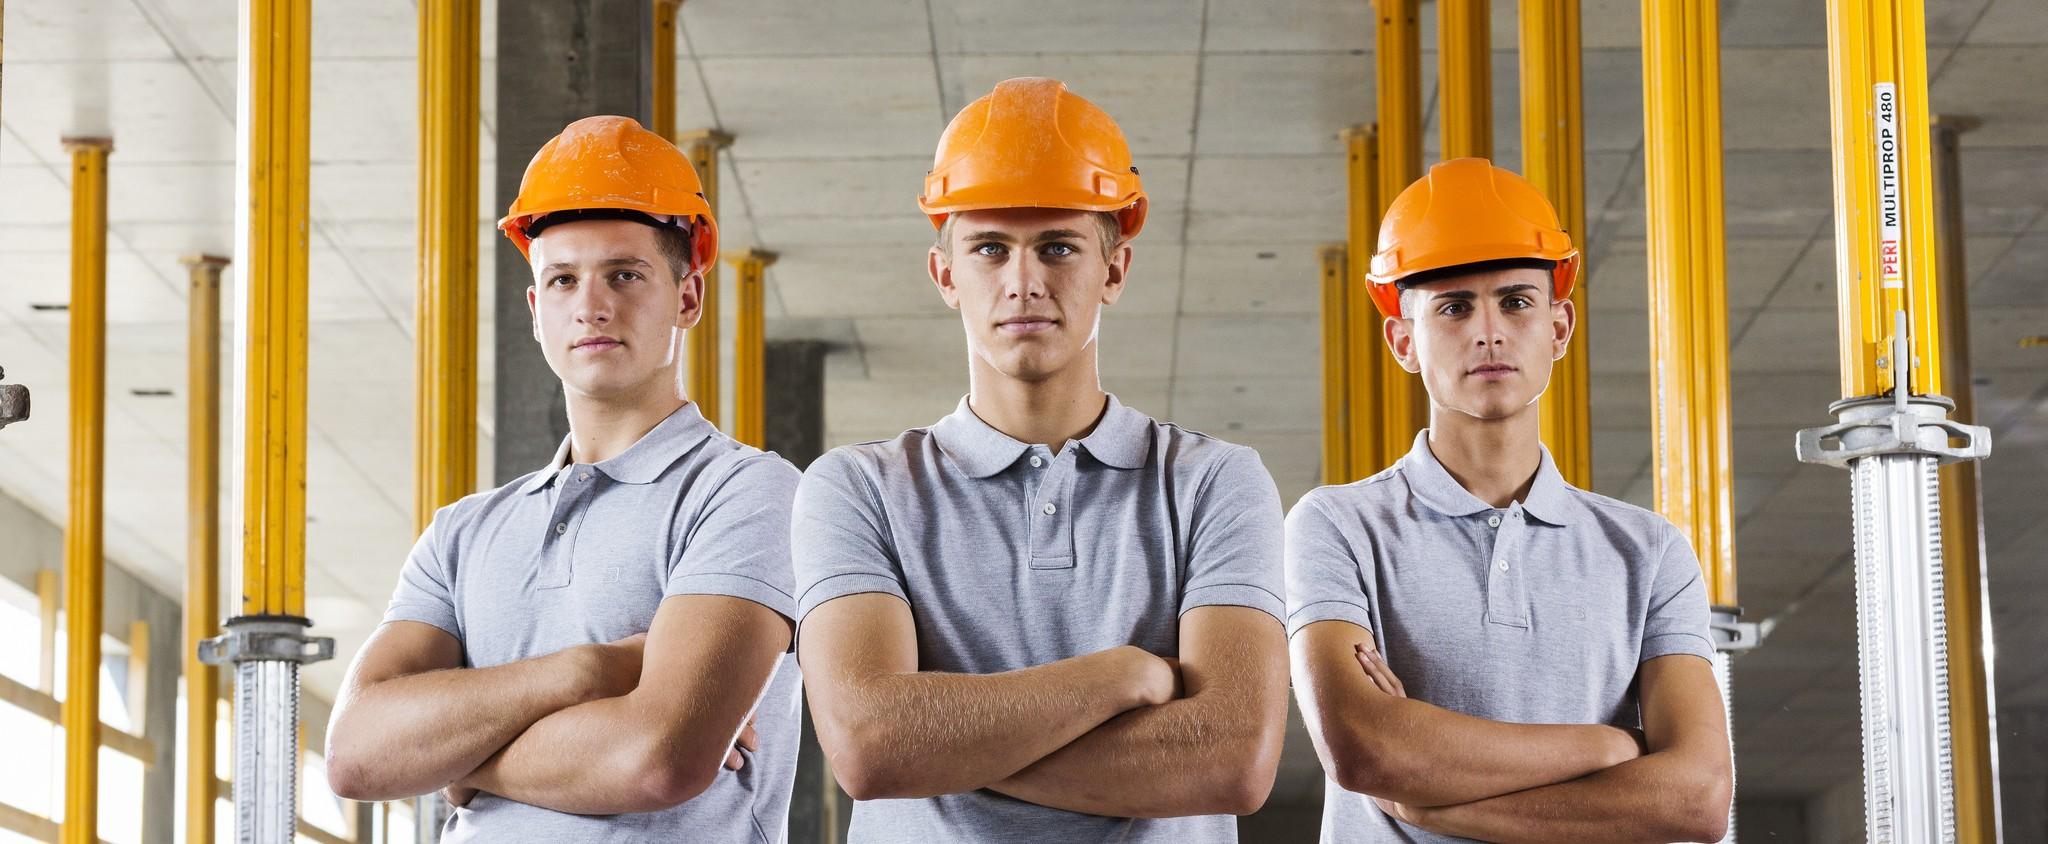 Drei junge Bauarbeiter mit orangen Helmen.